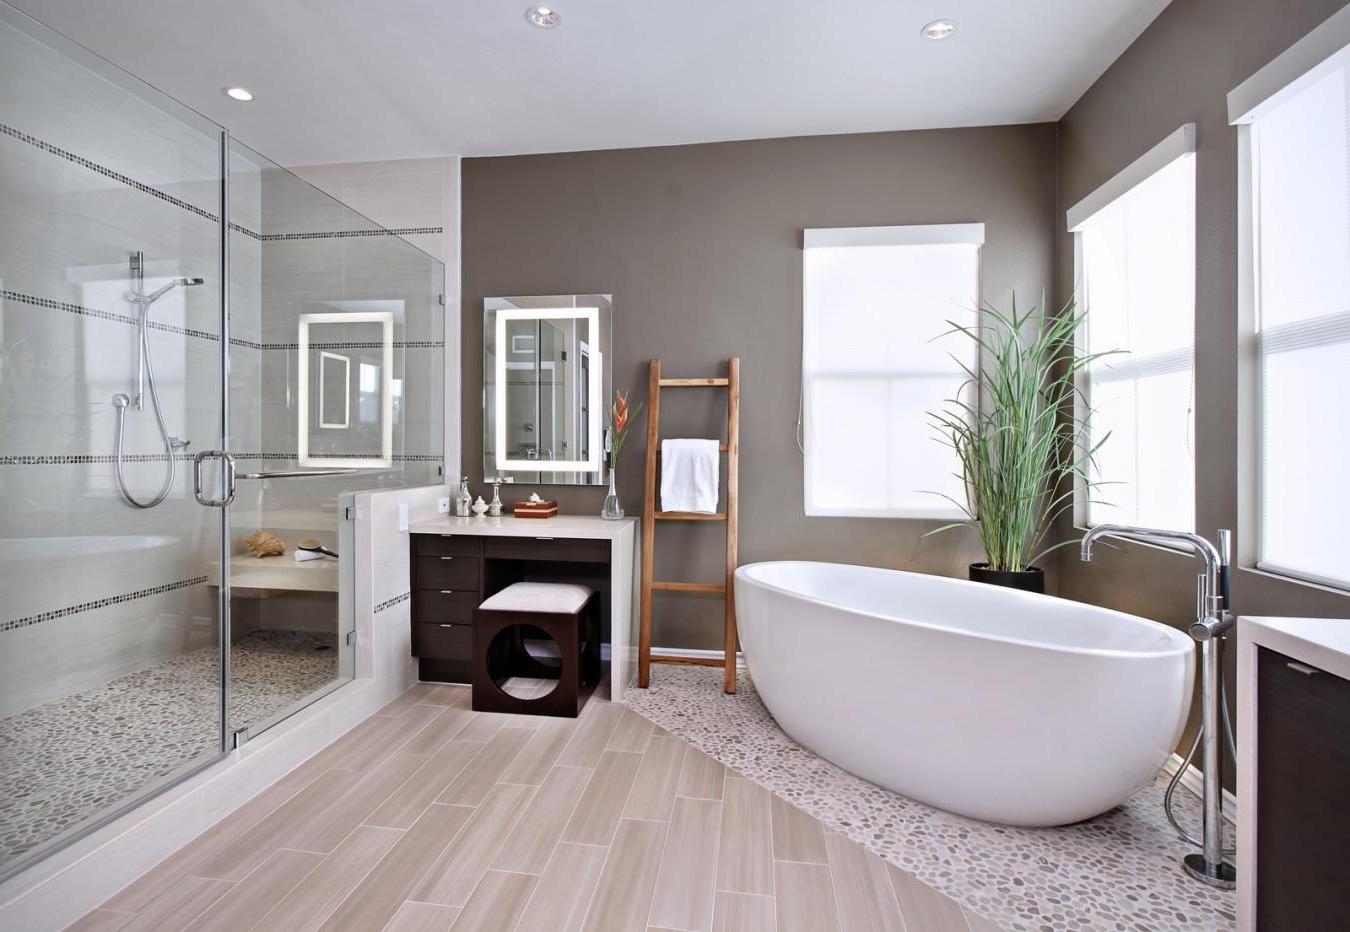 огромная стильная ванная комната в светлых тонах